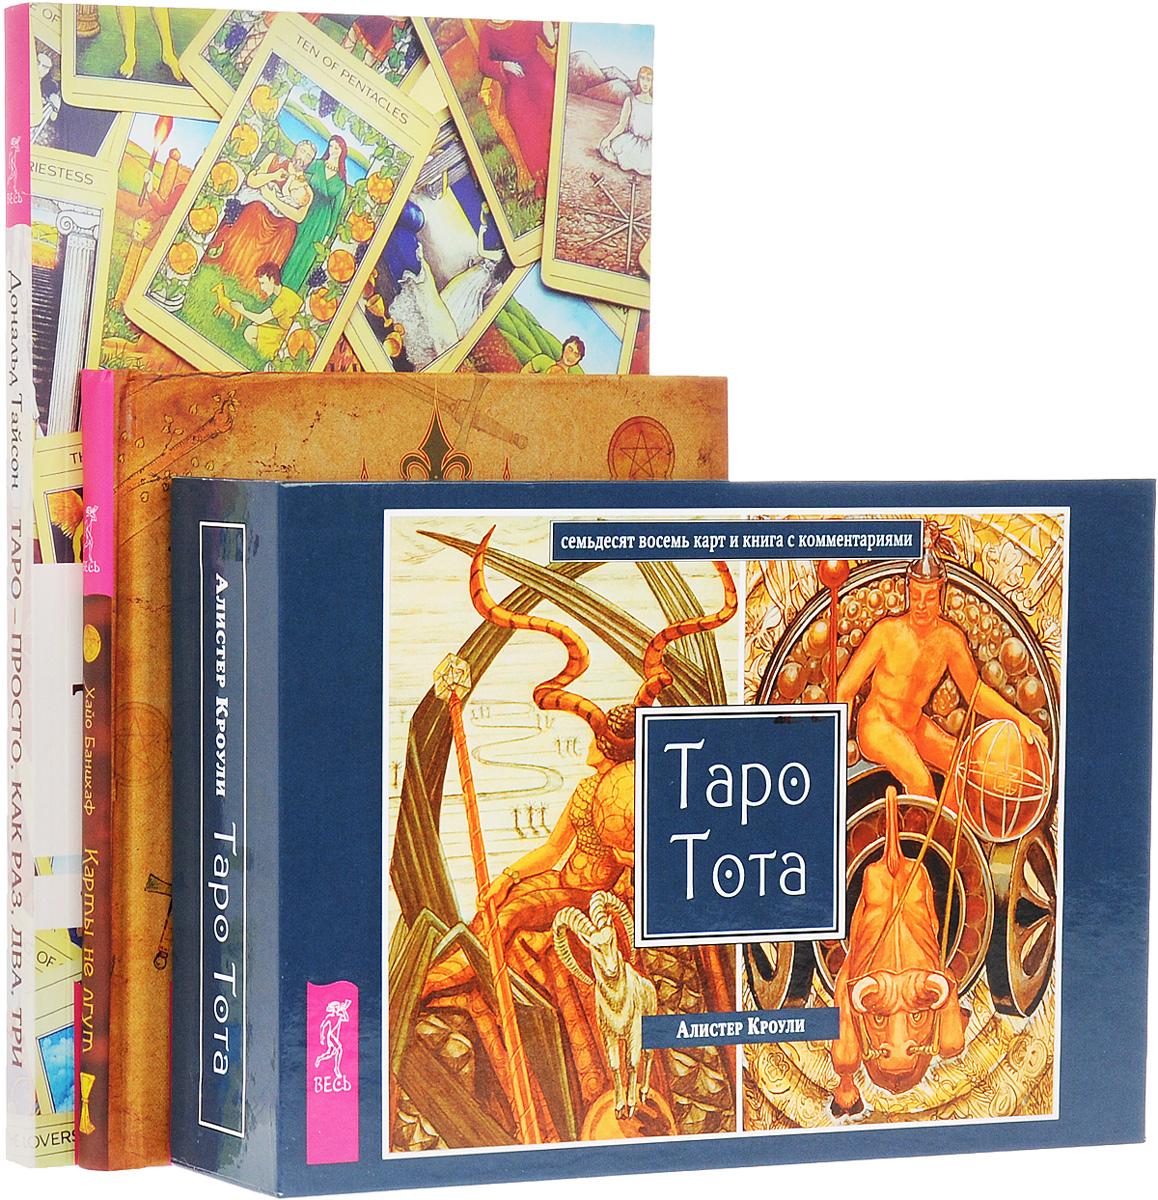 Дональд Тайсон, Хайо Банцхаф Таро - просто как раз, два, три. Карты не лгут (комплект из 2 книг + набор из 78 карт) в казани где можно карты таро